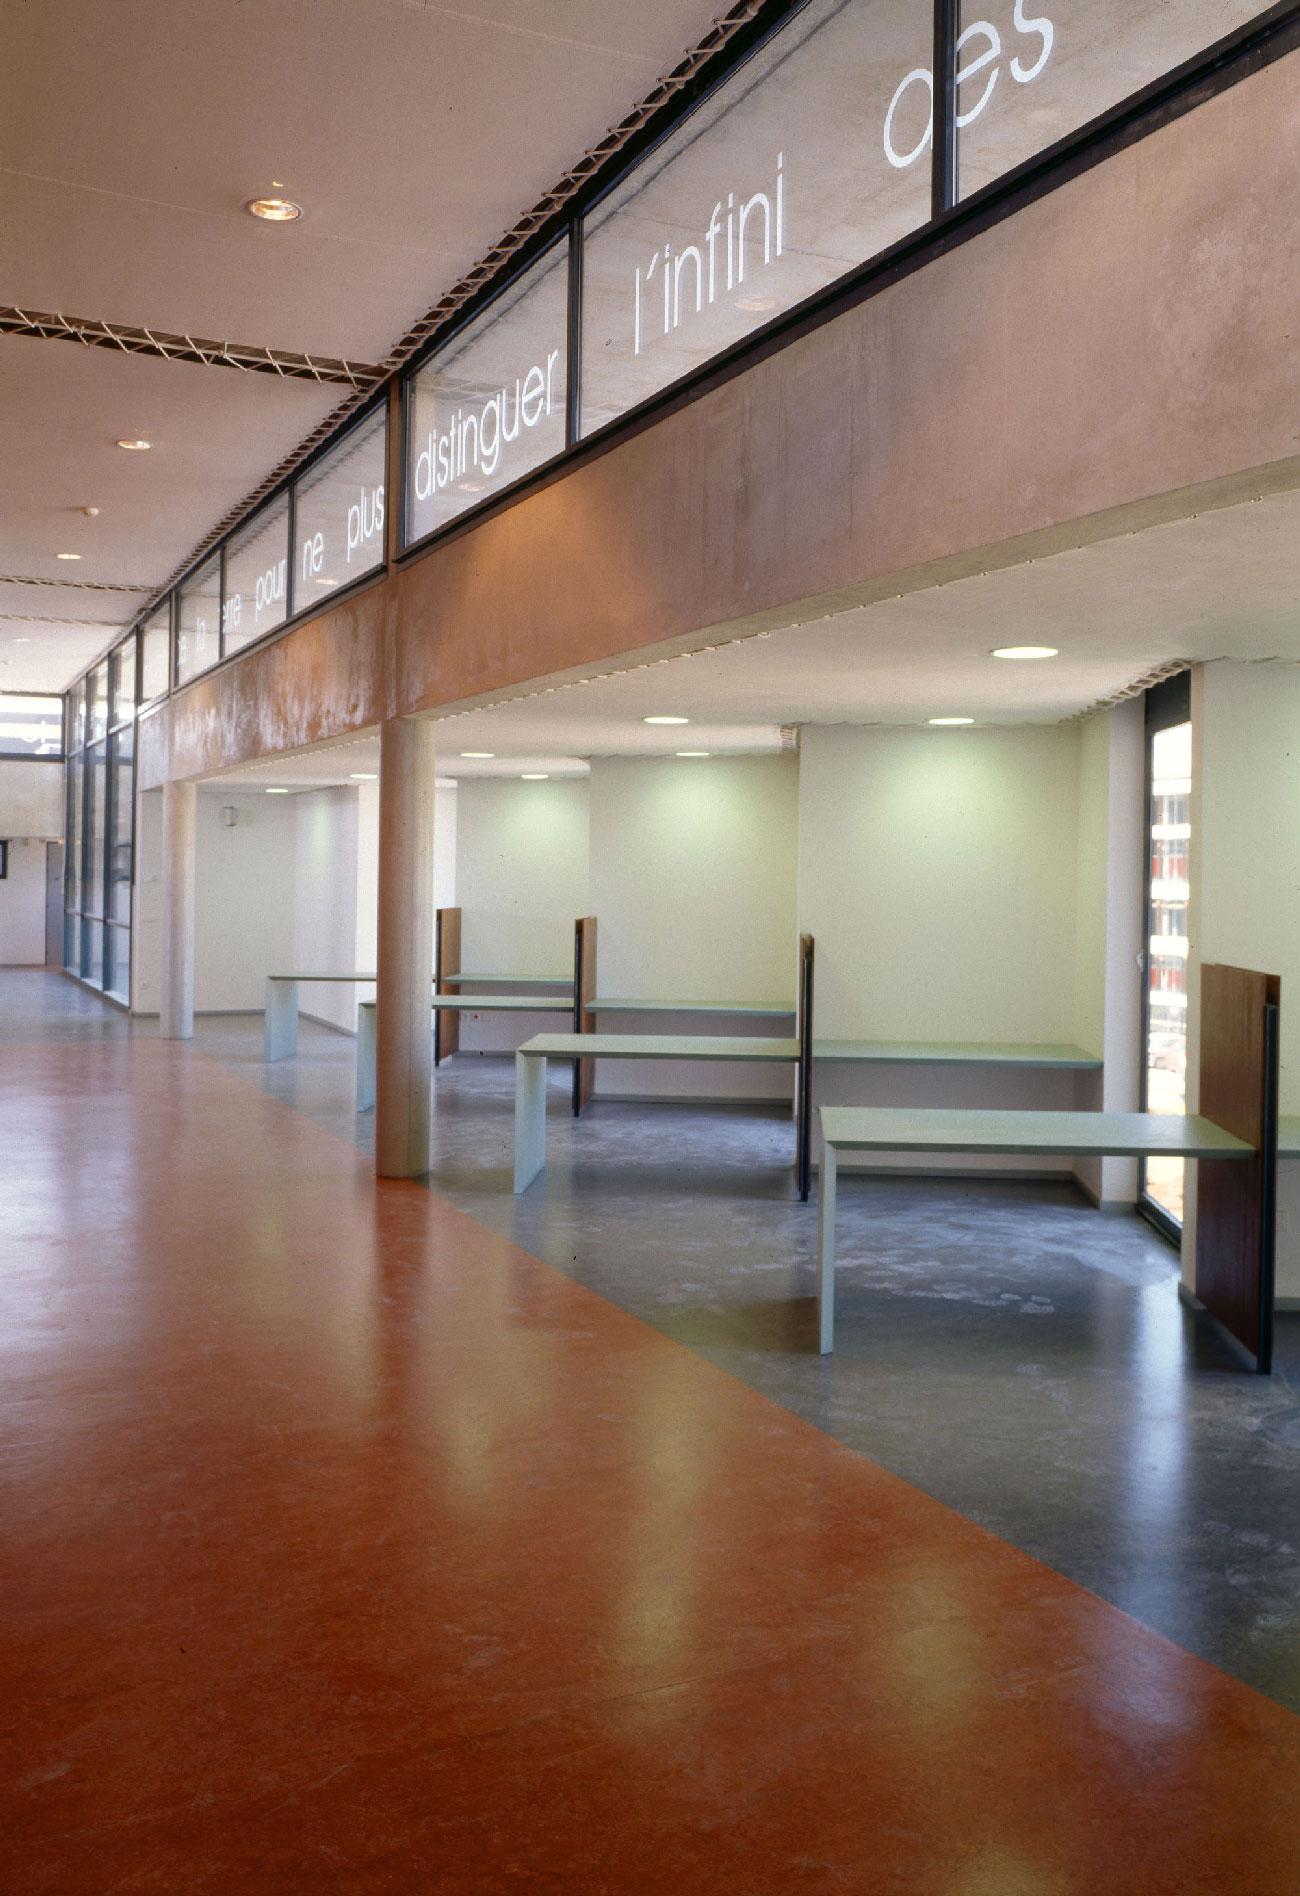 Bibliothèque universitaire Paul Valéry - Montpellier - TAUTEM Architecture - vue intérieure